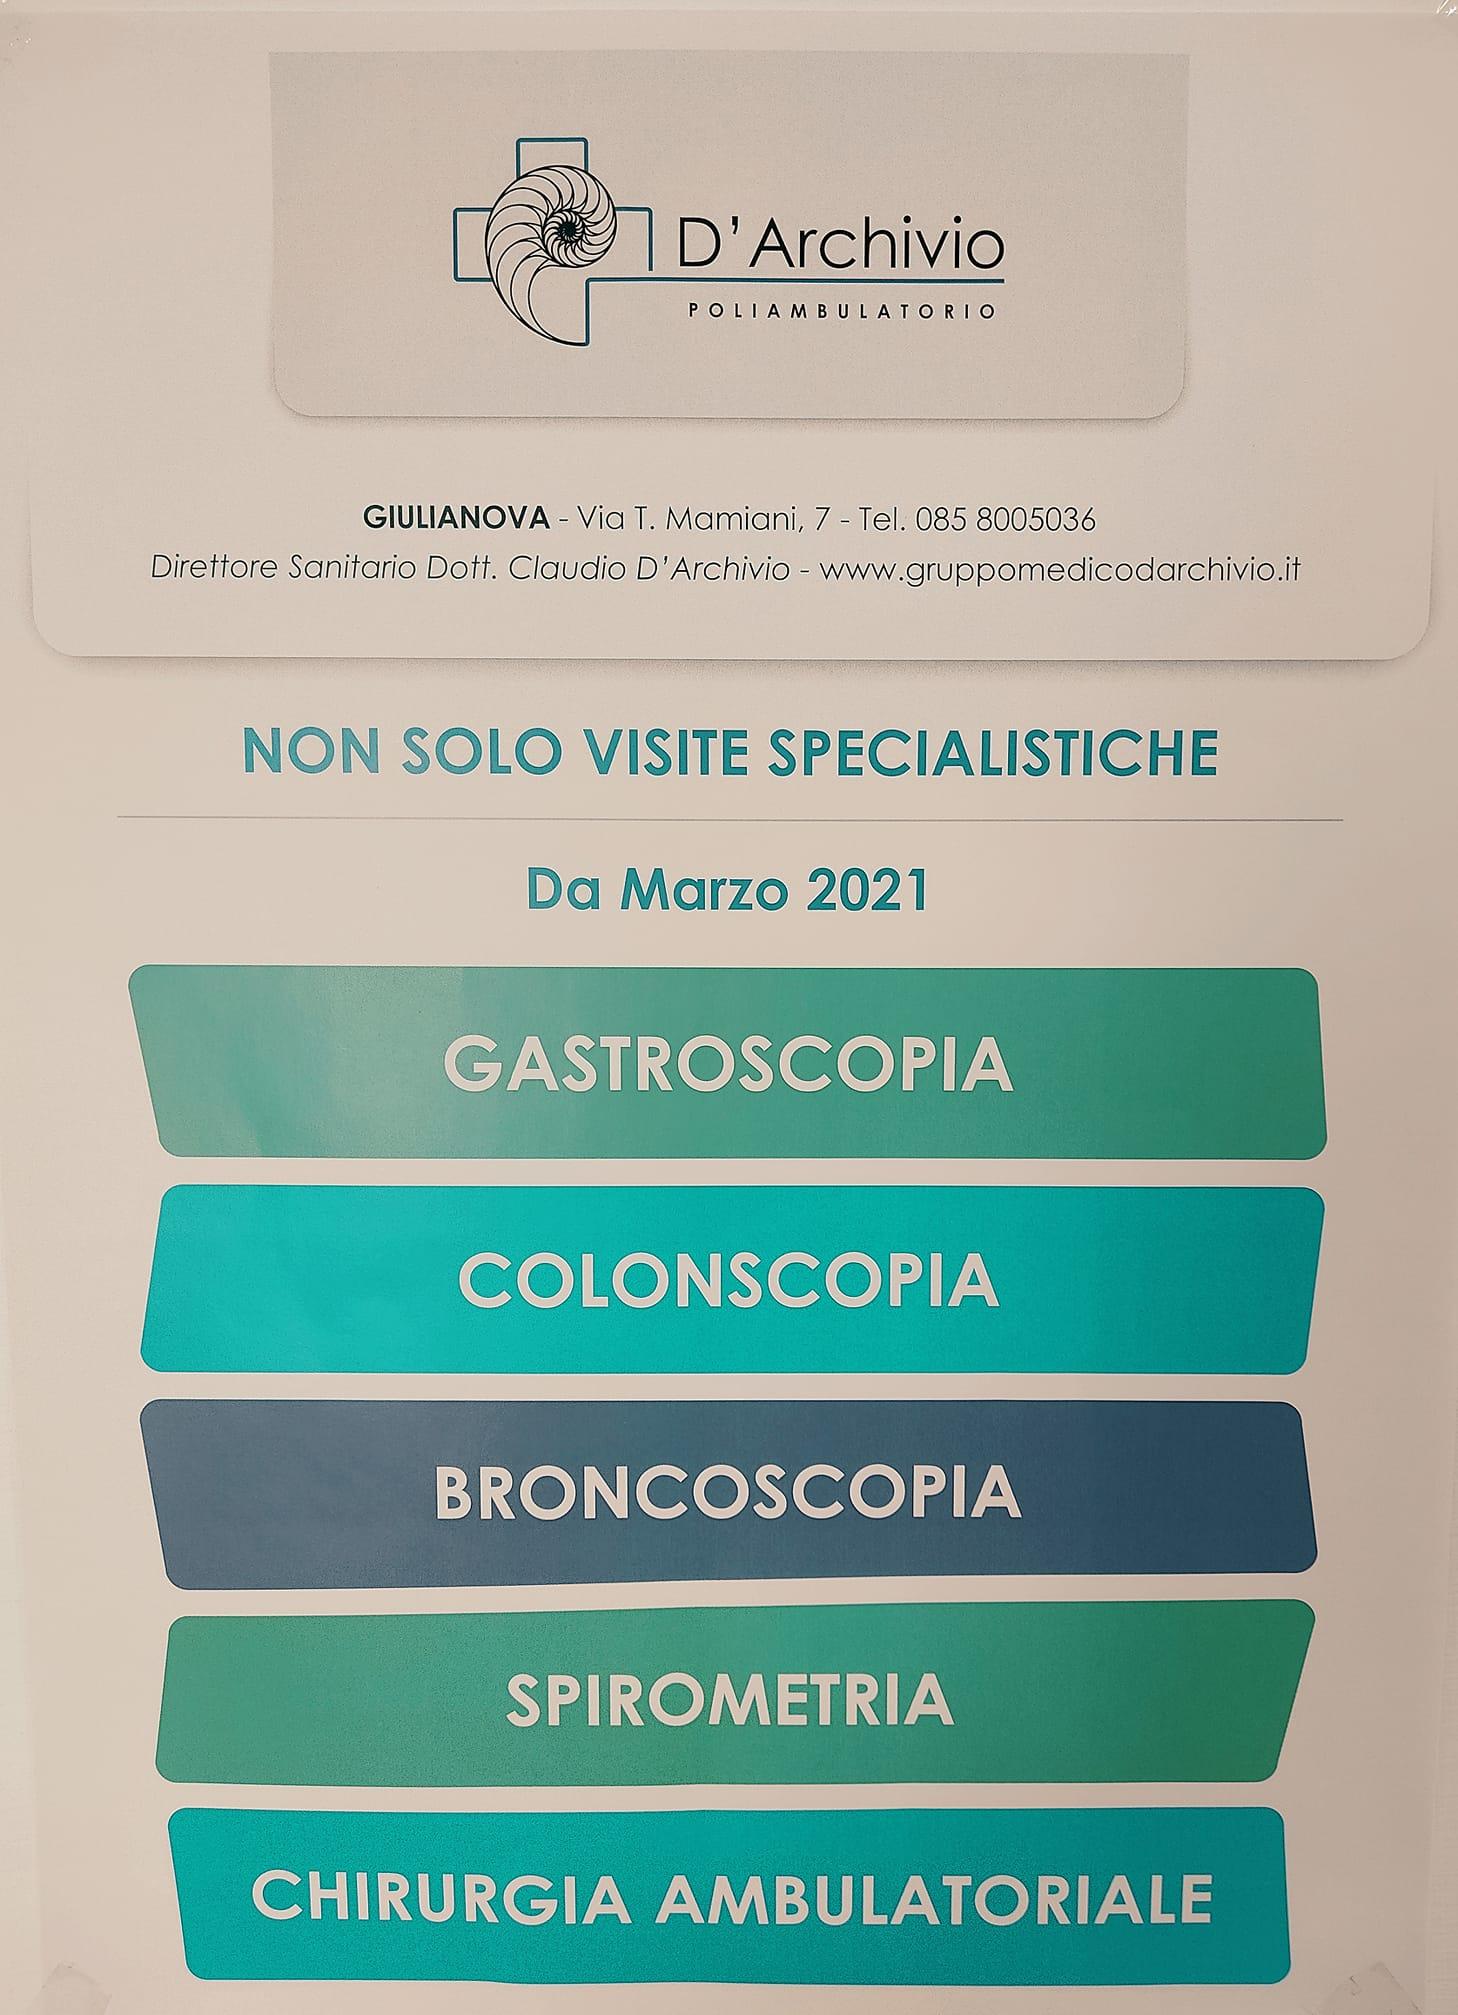 Gruppo medico D'Archivio, non solo visite specialistiche!